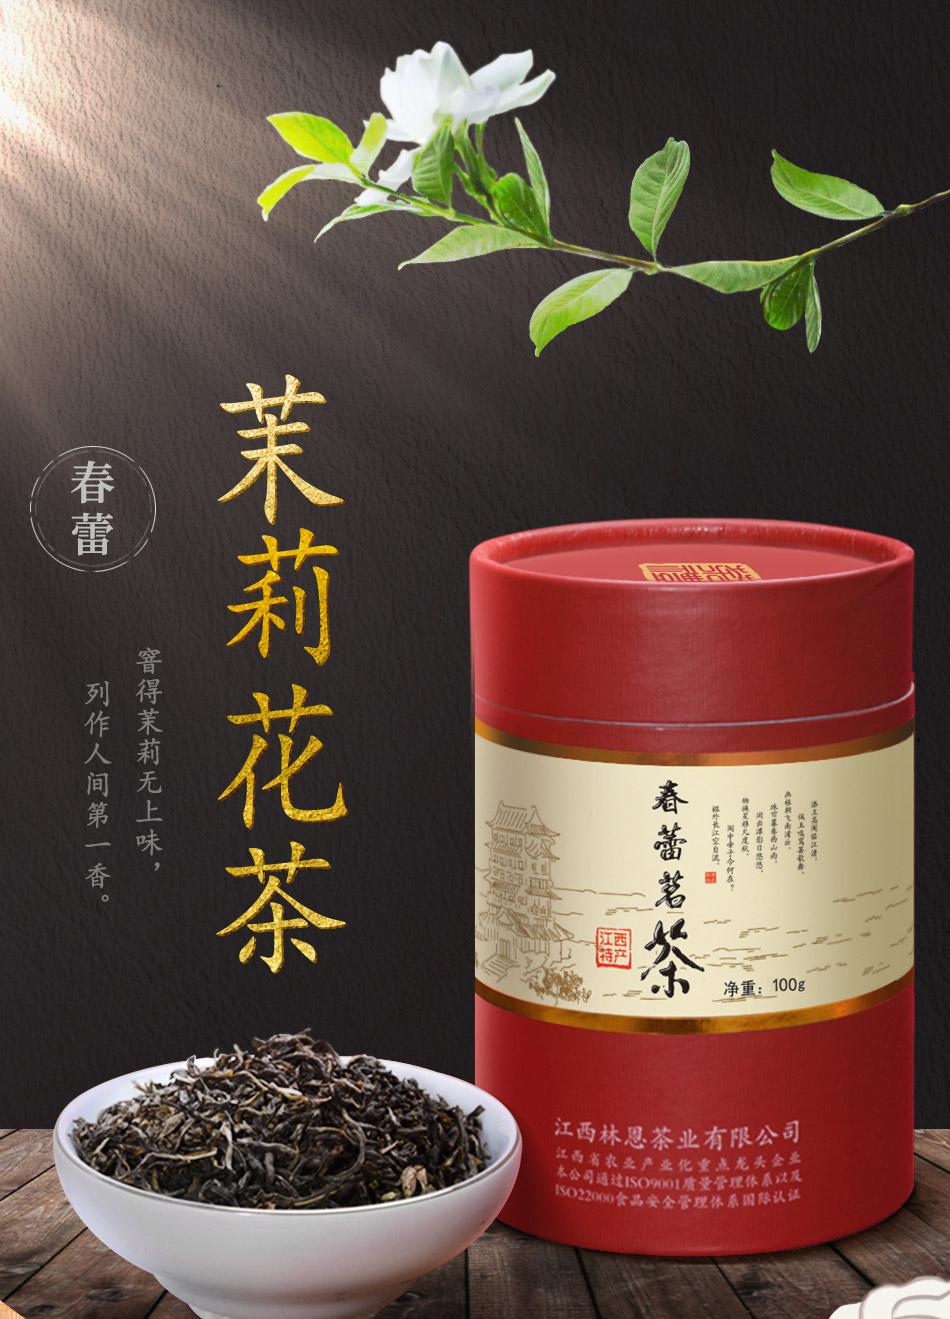 江西老字号 春蕾 茉莉花茶 100g罐装 天猫优惠券折后¥9包邮(¥19-10)